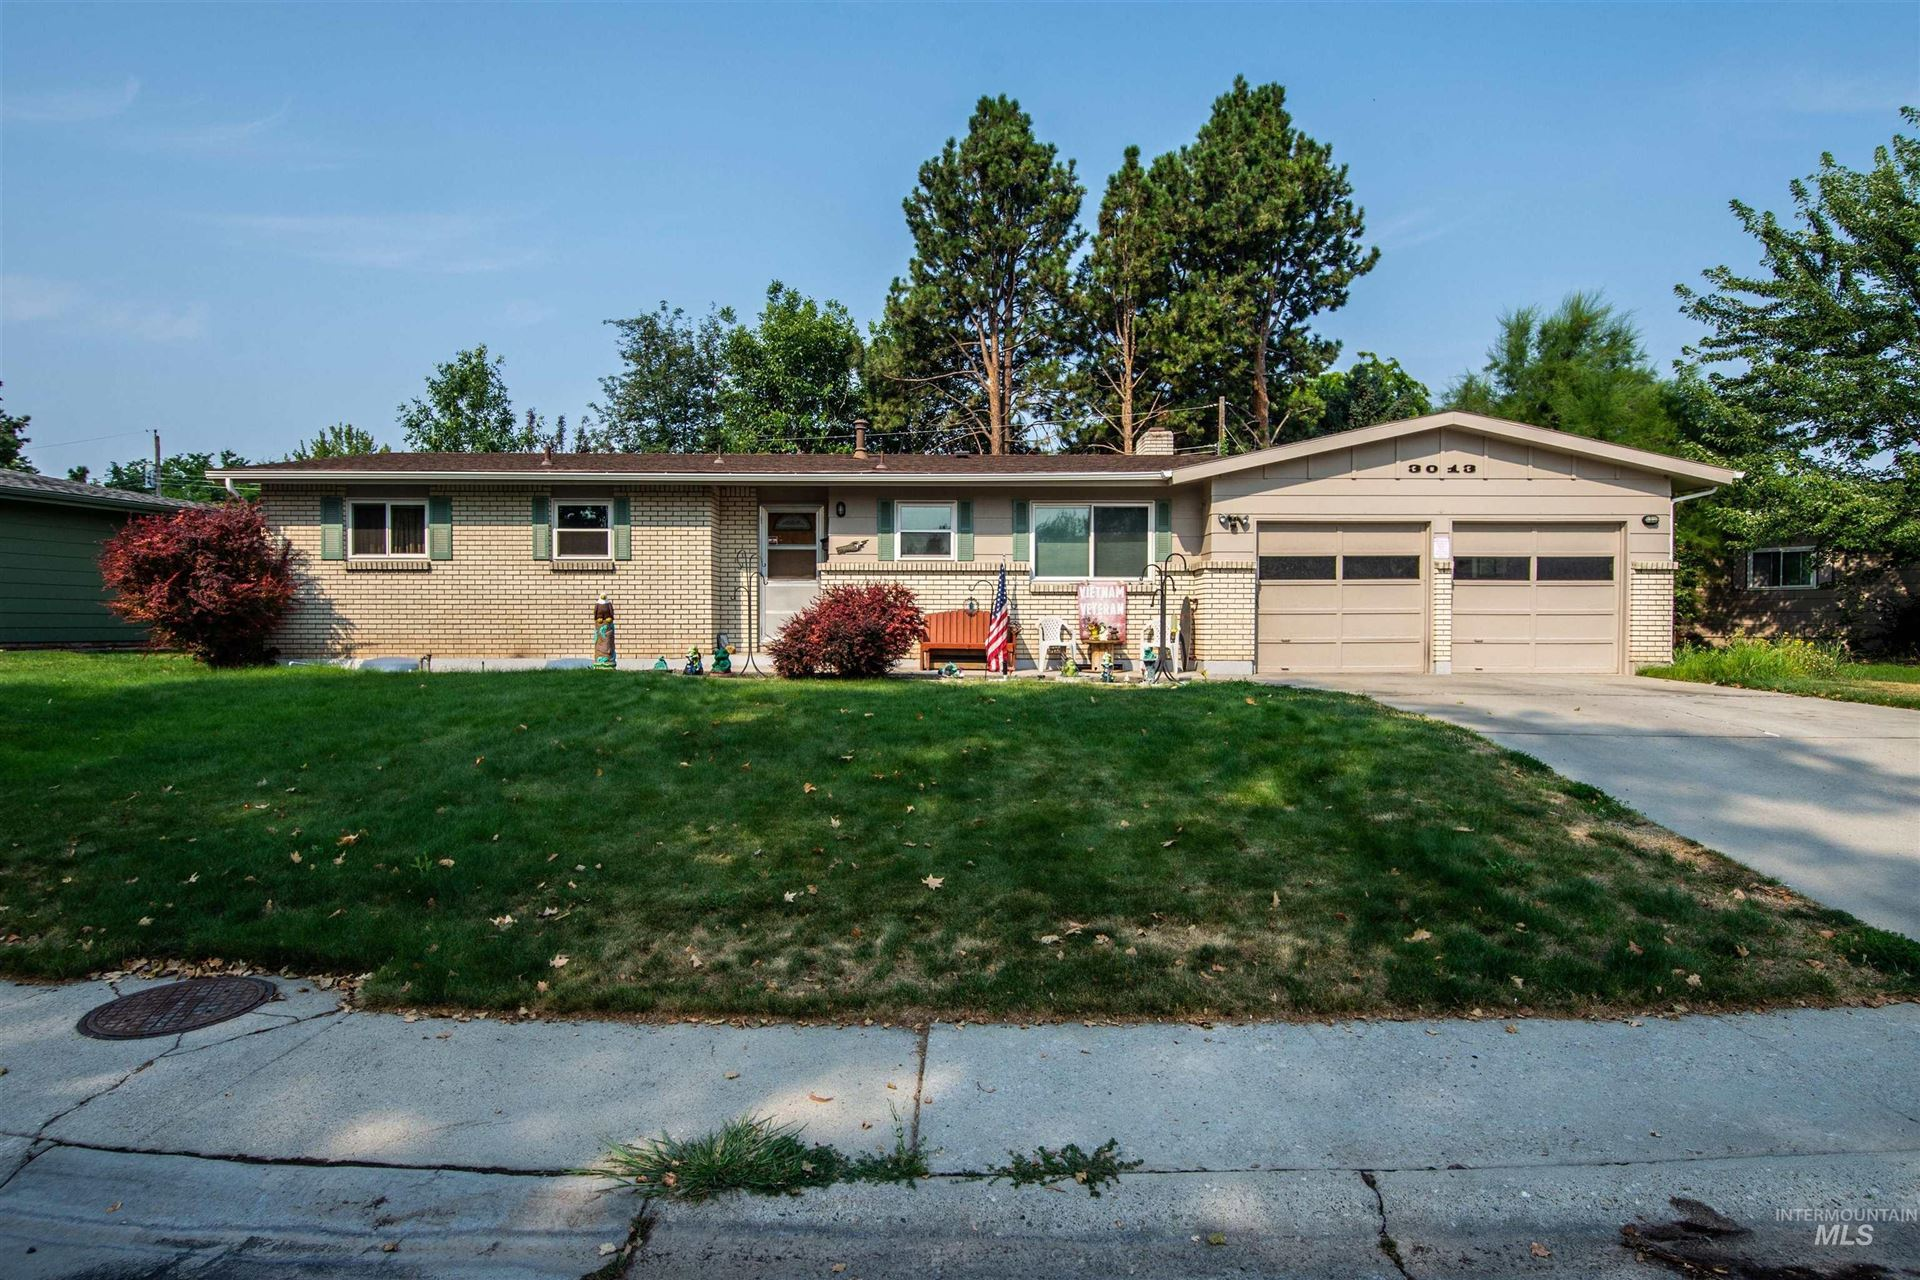 3013 N Eldorado St., Boise, ID 83704 - MLS#: 98815236